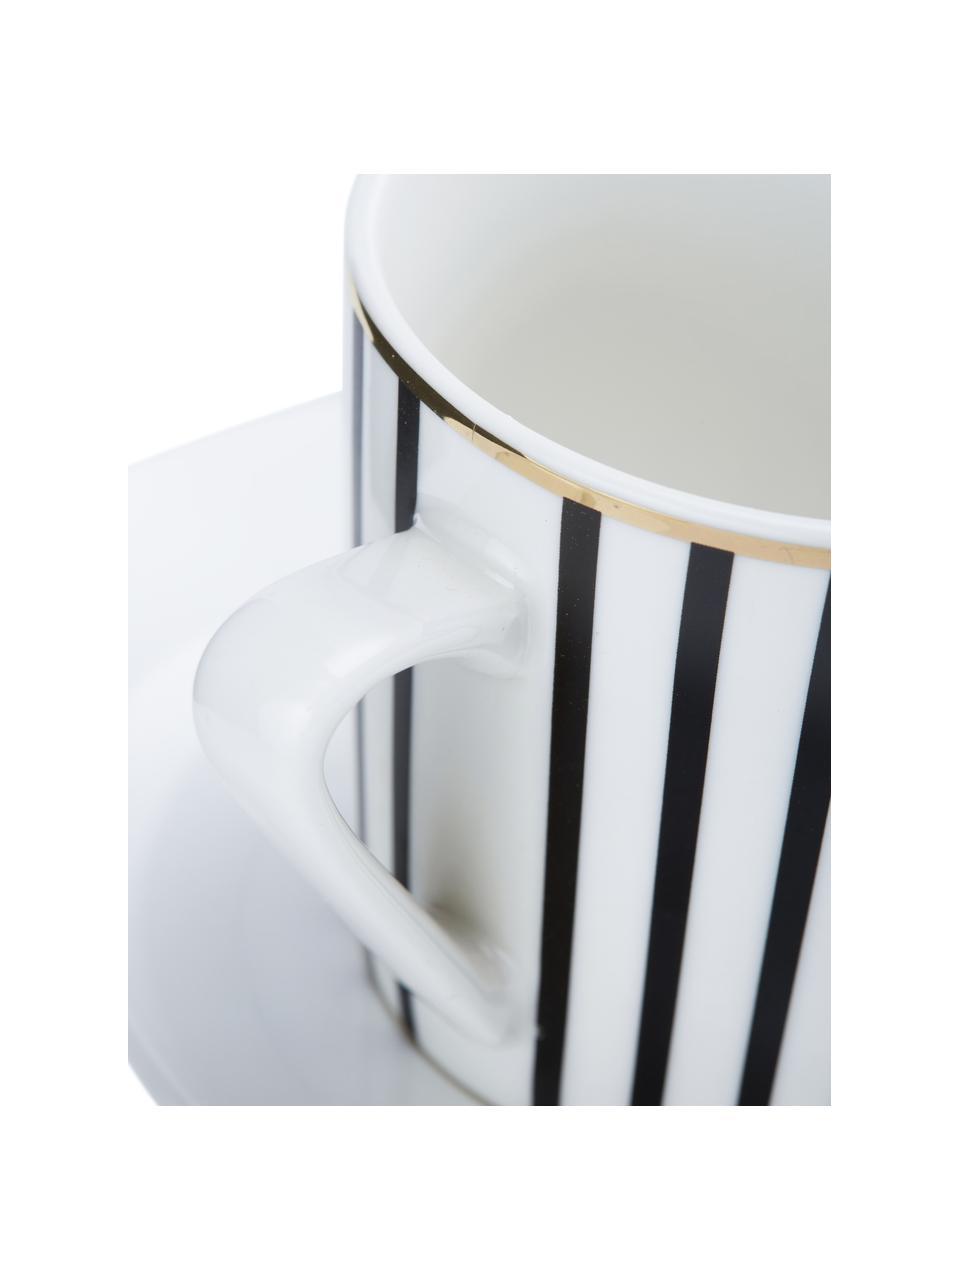 Kaffeetassen mit Untertassen Pluto Loft mit Streifendekor und Goldrand, 4 Stück, Porzellan, Schwarz, Weiß, Goldfarben, Ø 8 x H 8 cm